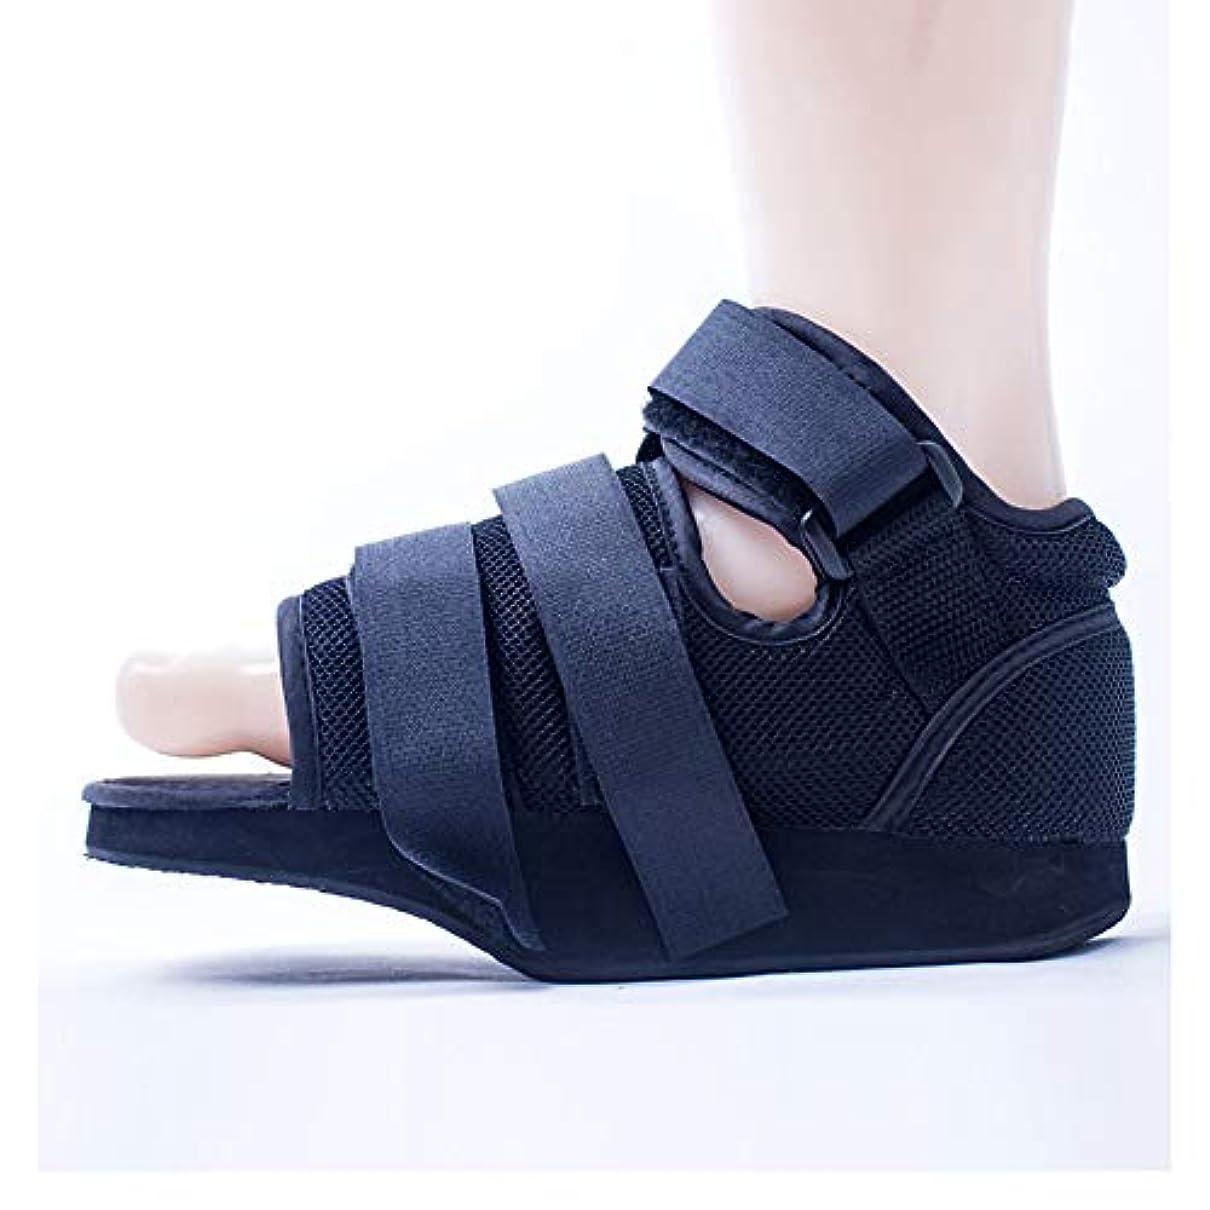 カップ同盟鳴らす壊れたつま先/足の骨折のための術後スクエアトゥウォーキングシューズ - ボトムキャストシューズ術後の靴 - 調節可能な医療ウォーキングブーツ (Size : M)